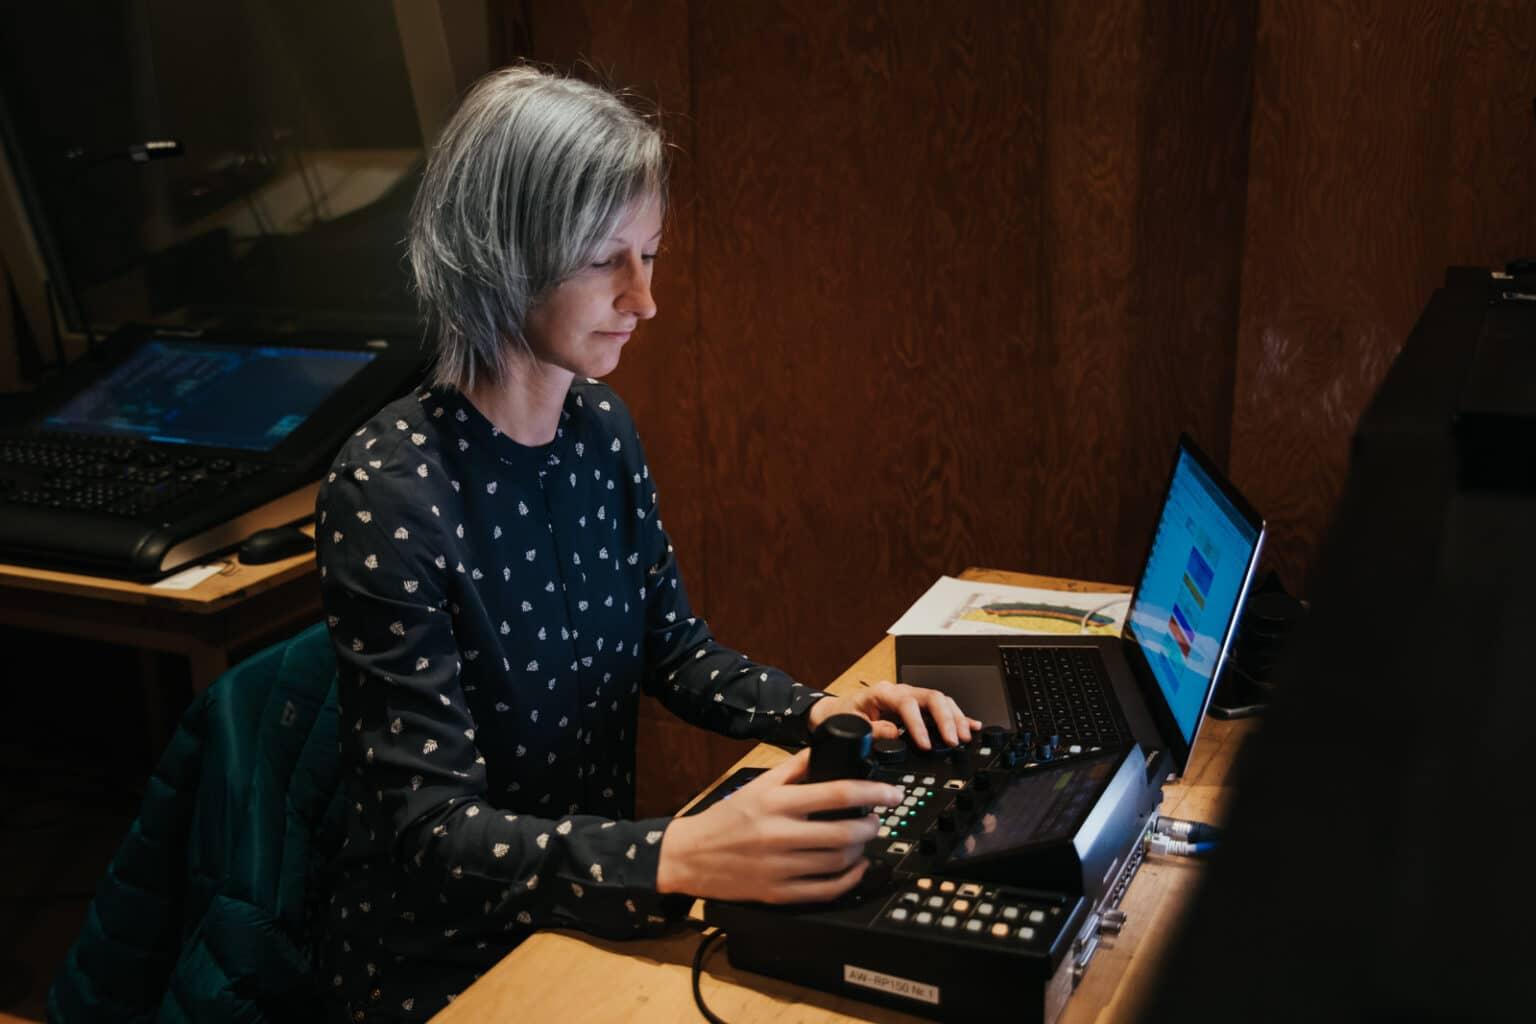 Kamerafrau an der Remotekamera Bedienung im Konzerthaus